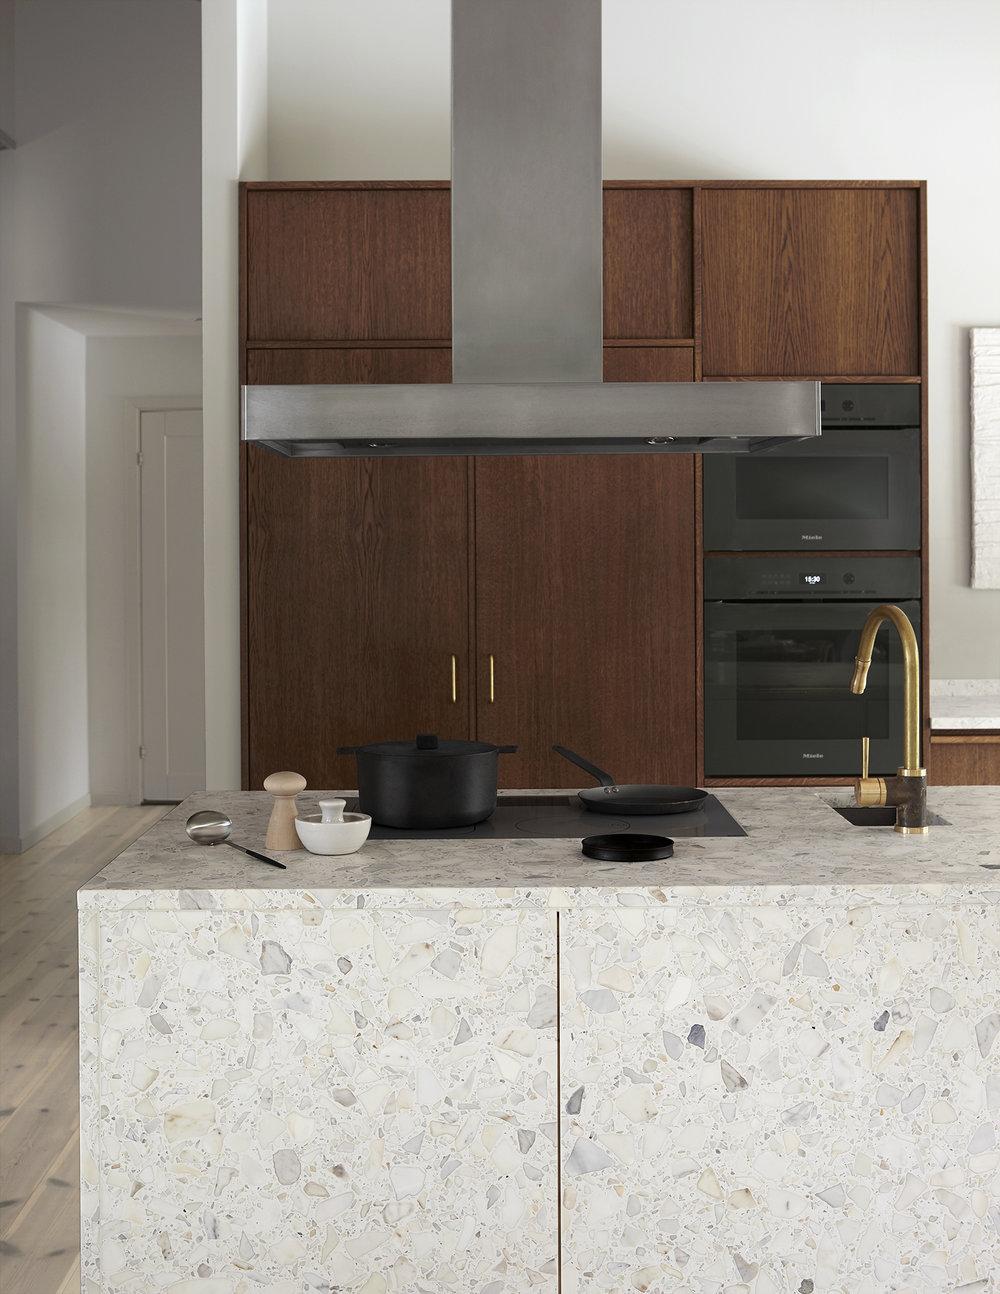 Перепланировка кухни с мебелью